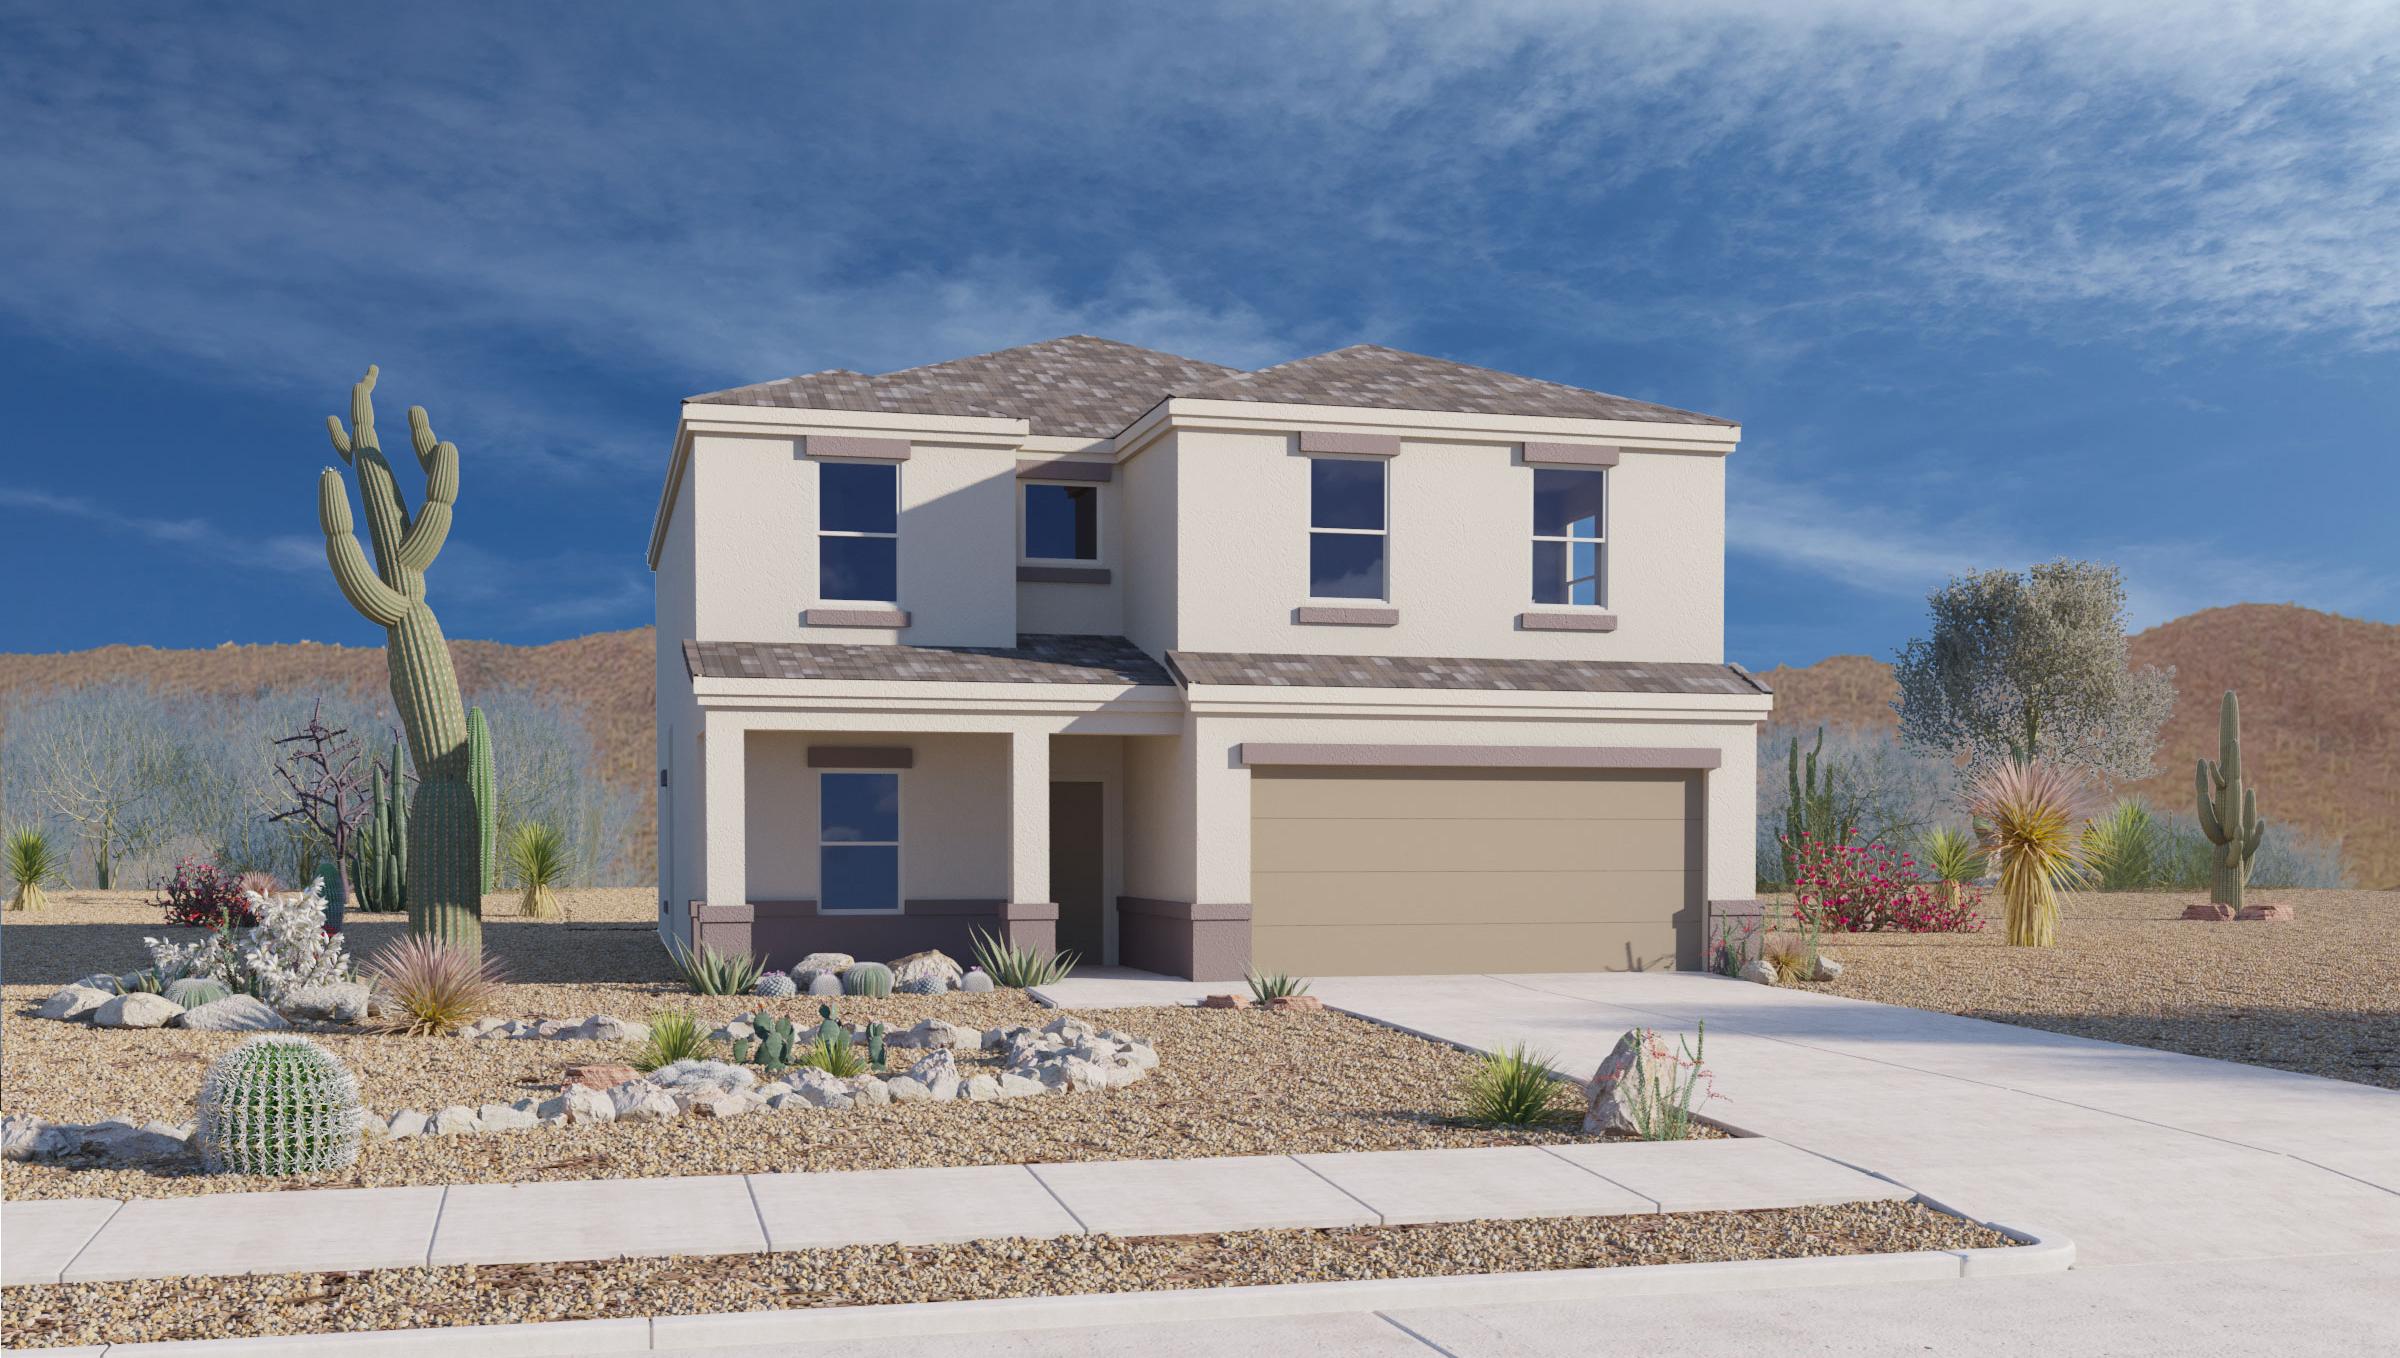 D.R. Horton Saguaro Bloom Mesquite Tyler – Plan 3575 Single Family Home for Sale